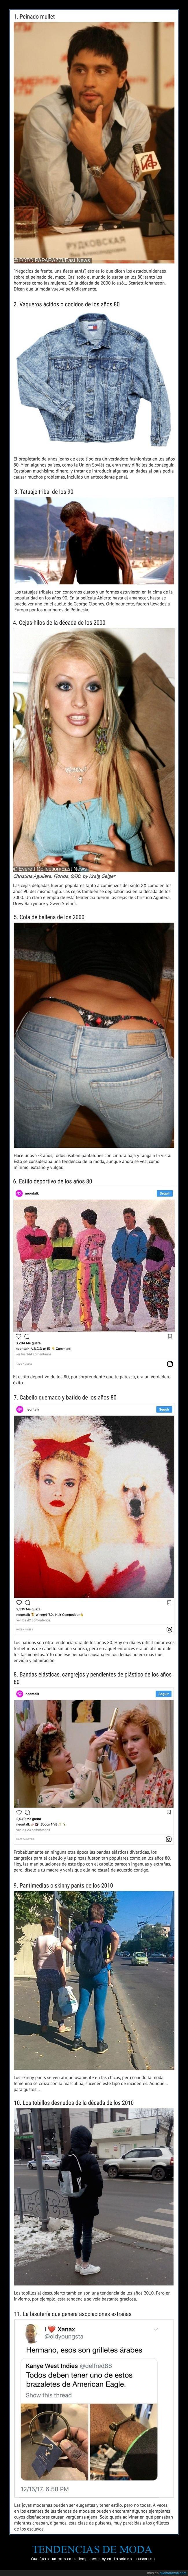 épocas,moda,tendencias